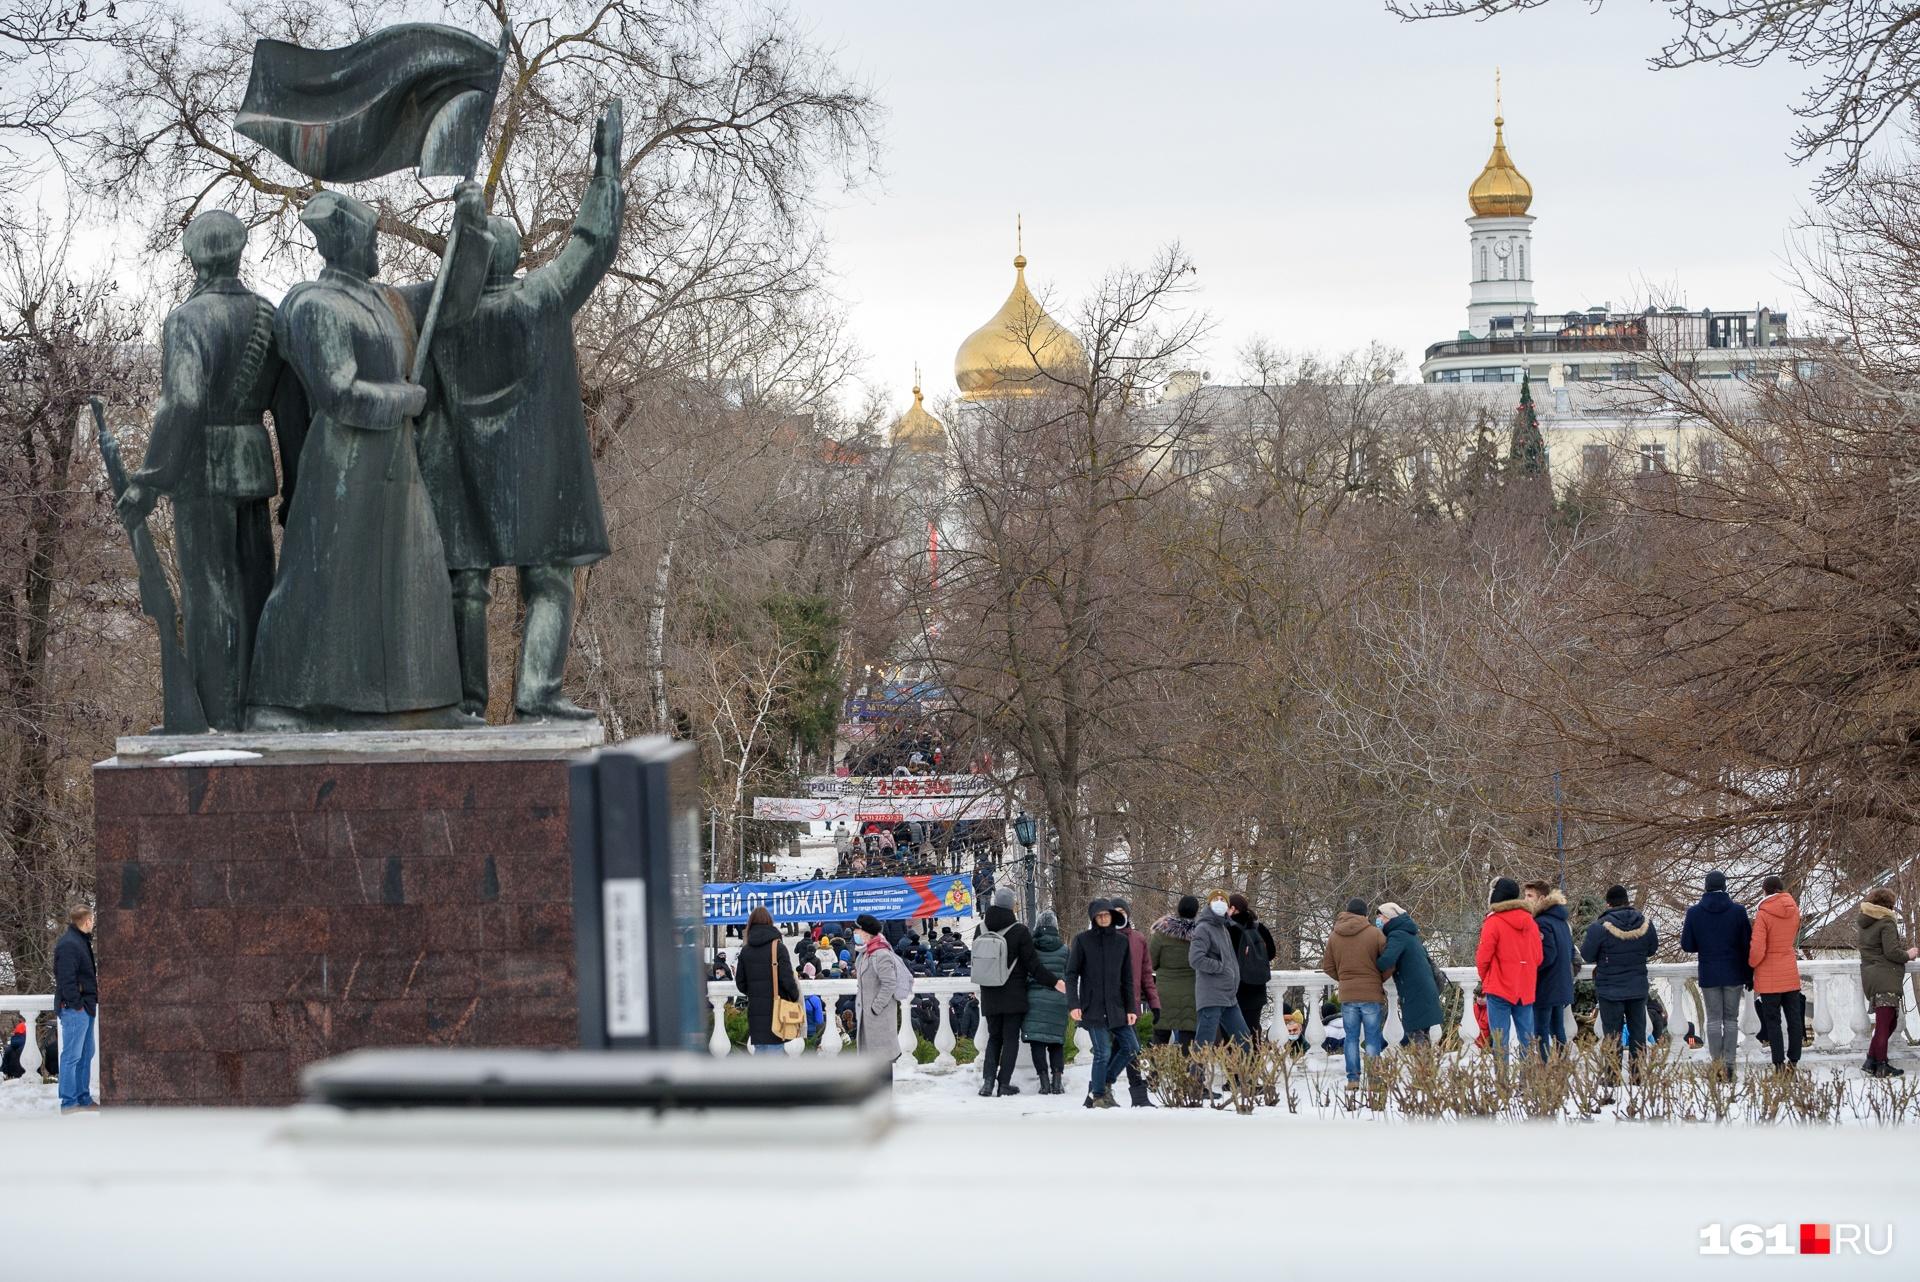 После этого колонна митингующих отправилась к парку Горького